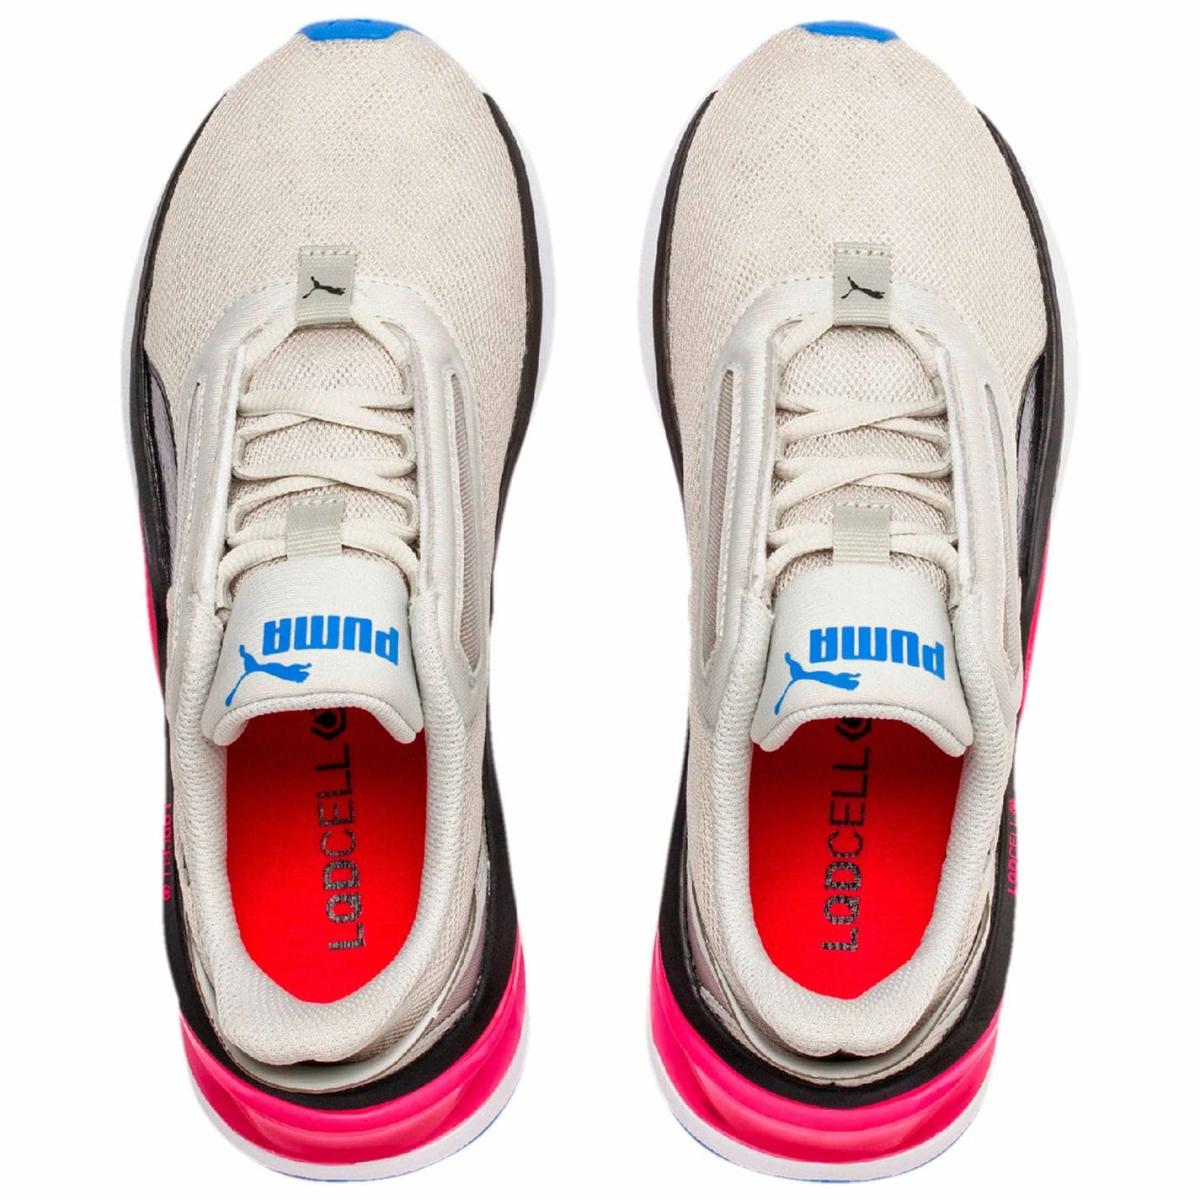 Puma-Turnschuhe-Damen-Sneaker-Sportschuhe-Laufschuhe-Lqdcell-2017 Indexbild 5